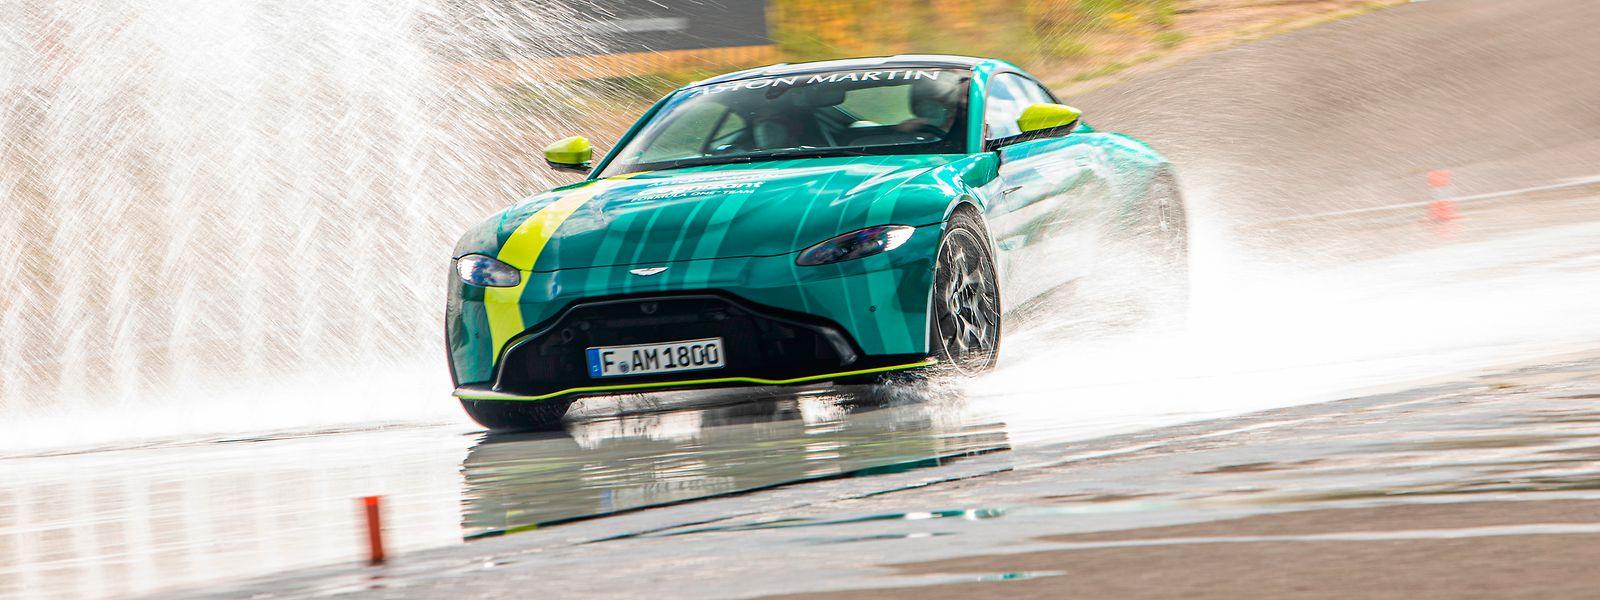 Der Aston Martin Vantage ist kein Schnäppchen: Der Wagen kostet rund 150.000 Euro.